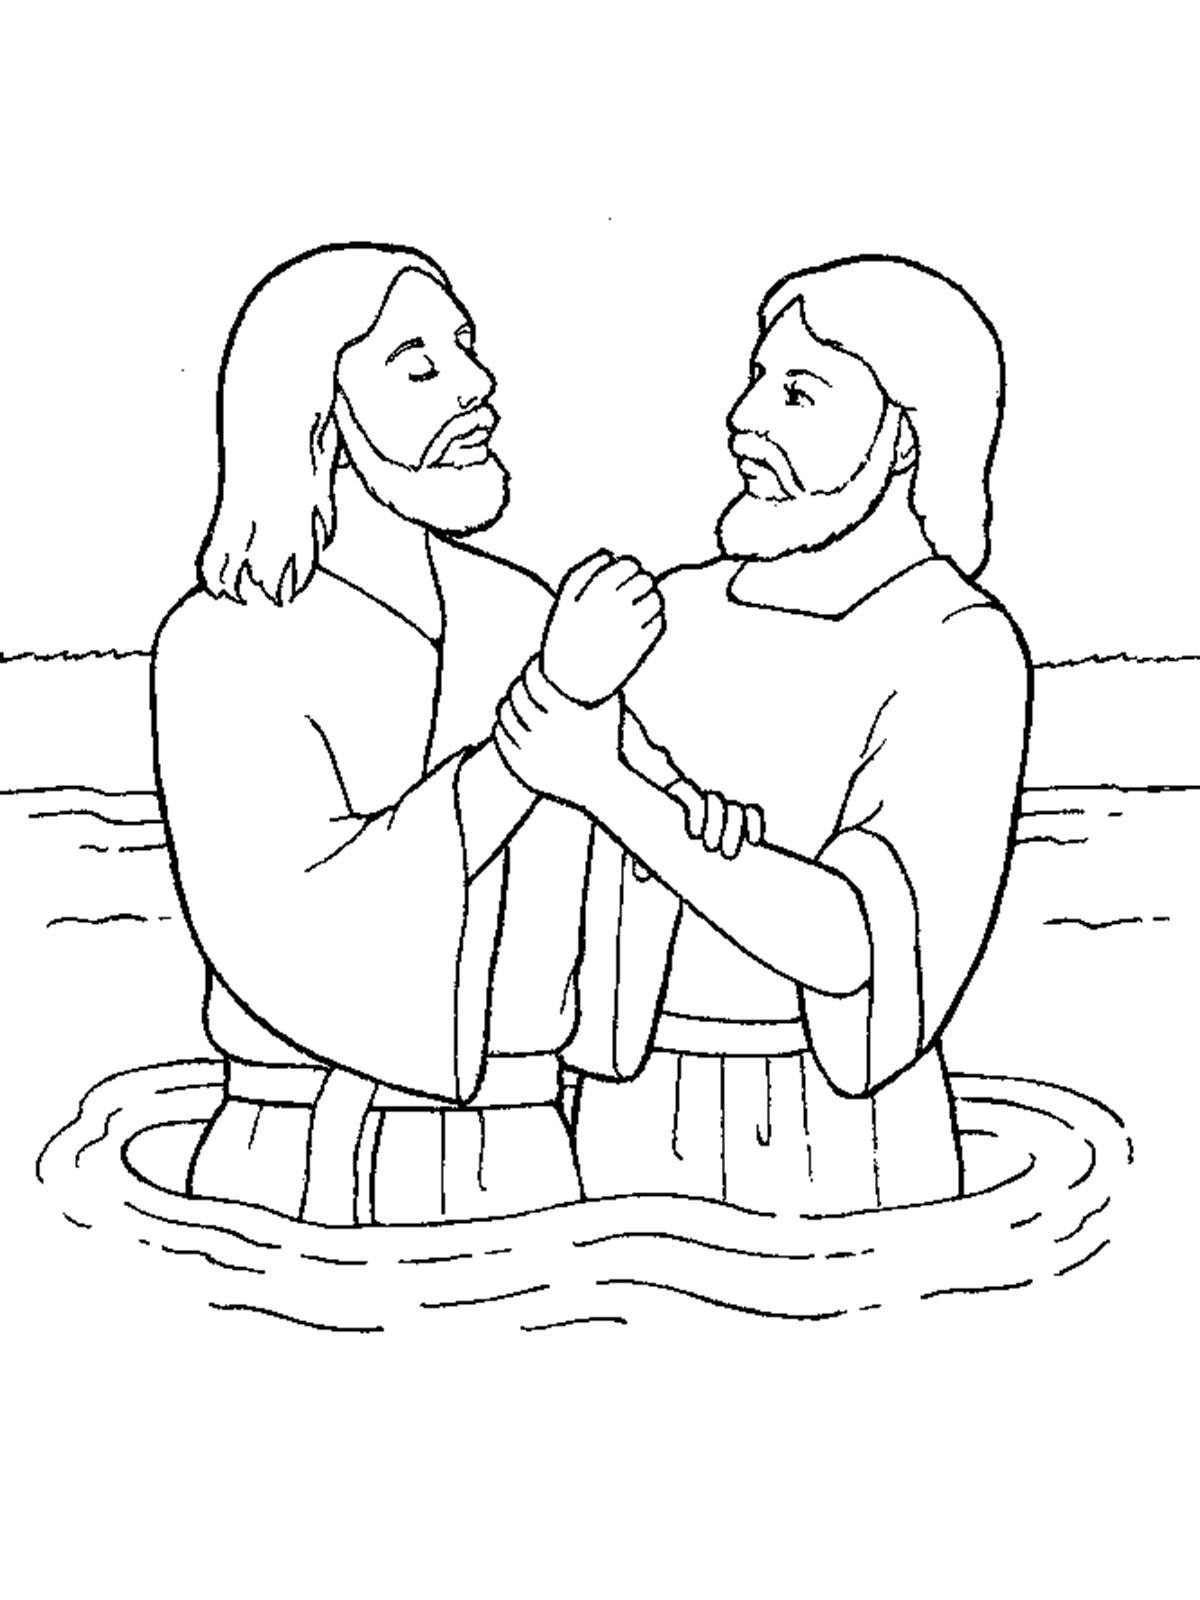 john baptizes jesus coloring page jesus baptized by john the baptist coloring page for baptizes john coloring page jesus